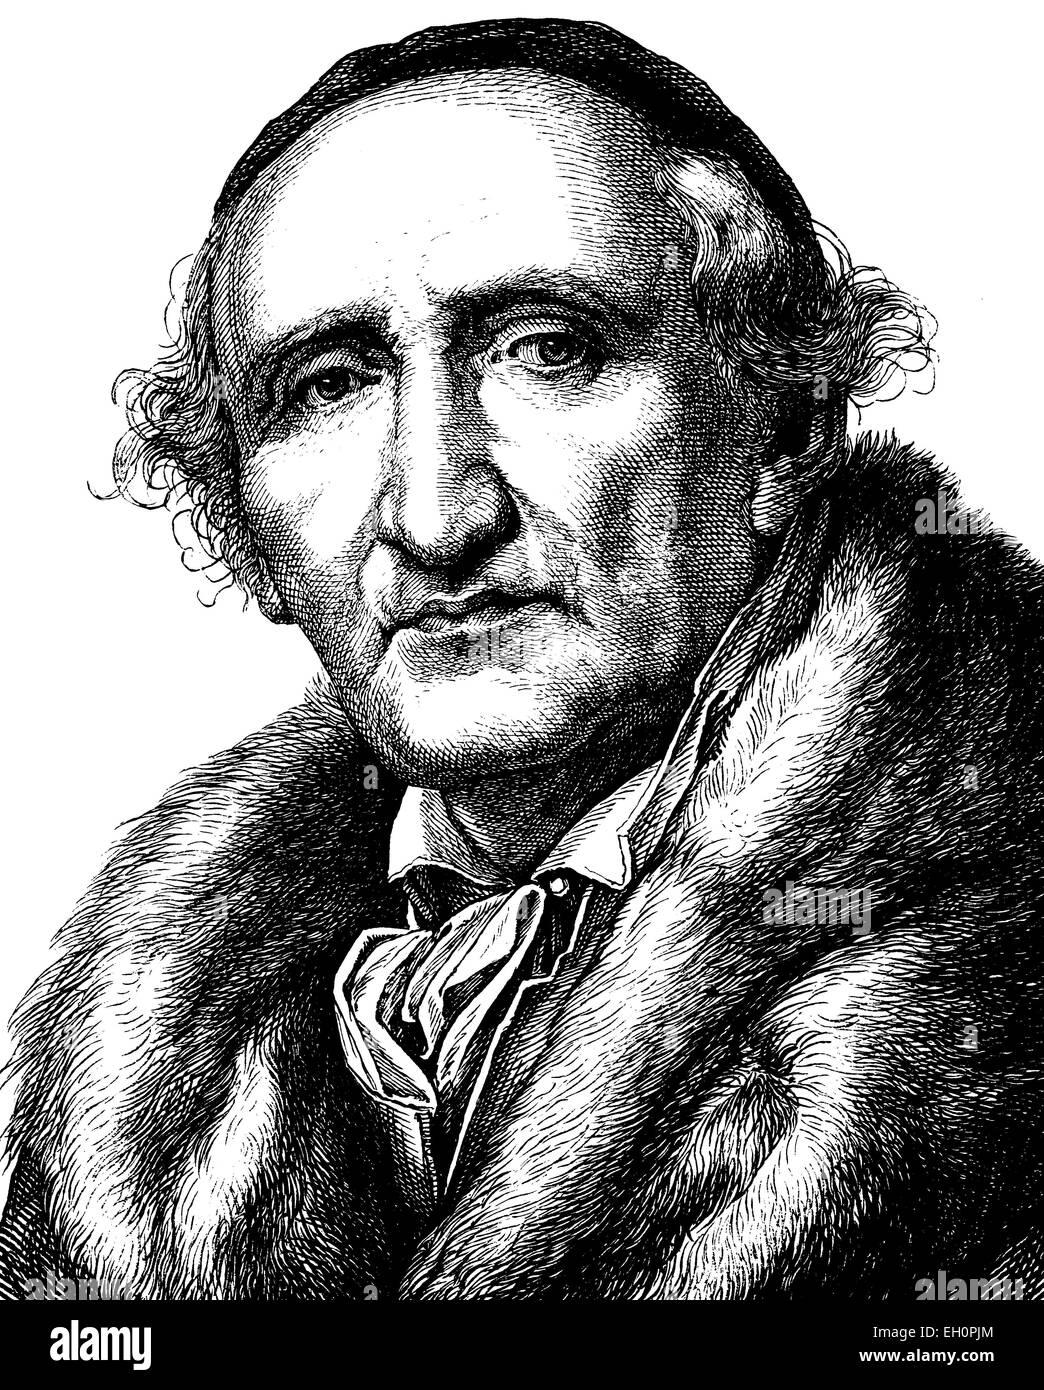 L'amélioration de l'image numérique de Johann Gottfried Schadow, 1764 - 1850, portrait, illustration historique, 1880 Banque D'Images